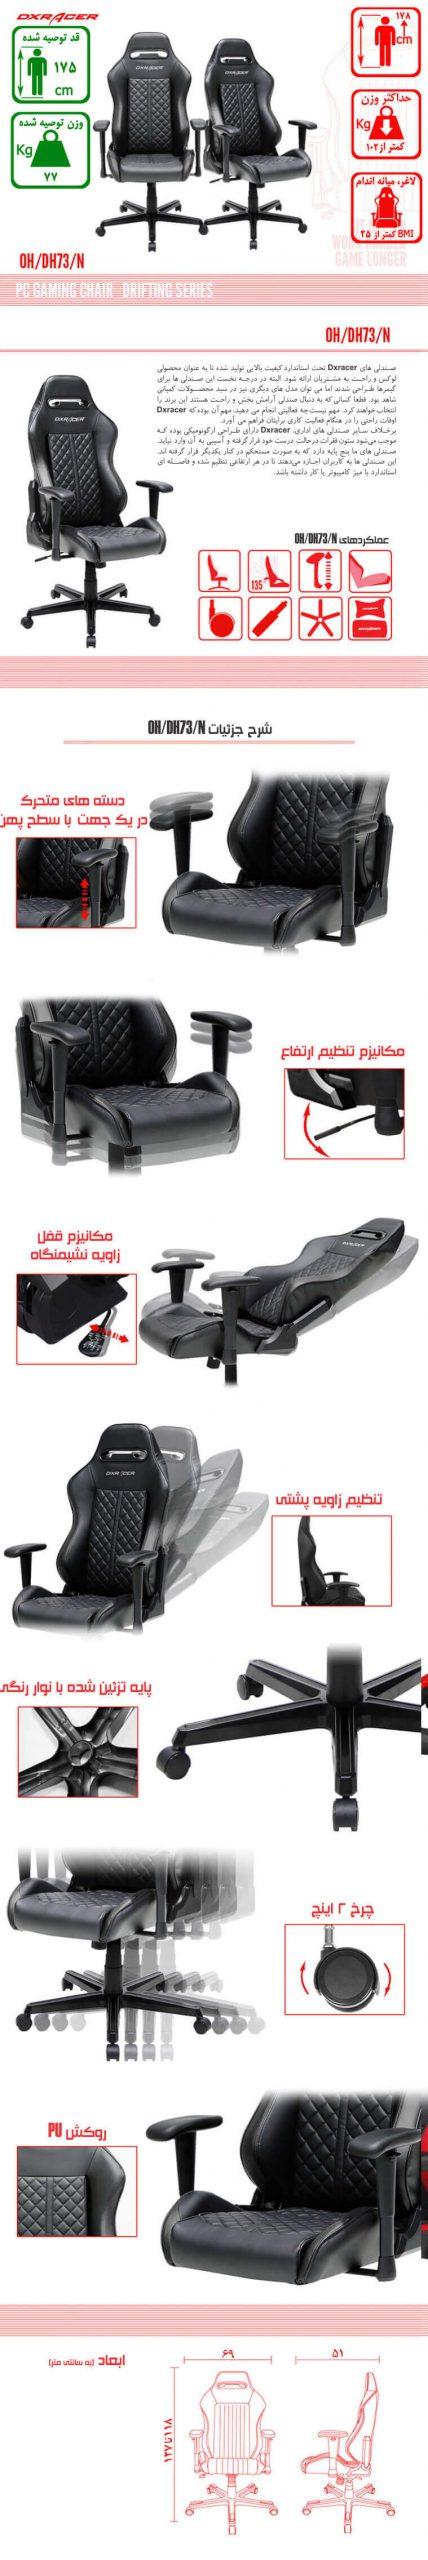 صندلی اداری DXRACER سری دریفتینگ مدل OH DH73 N